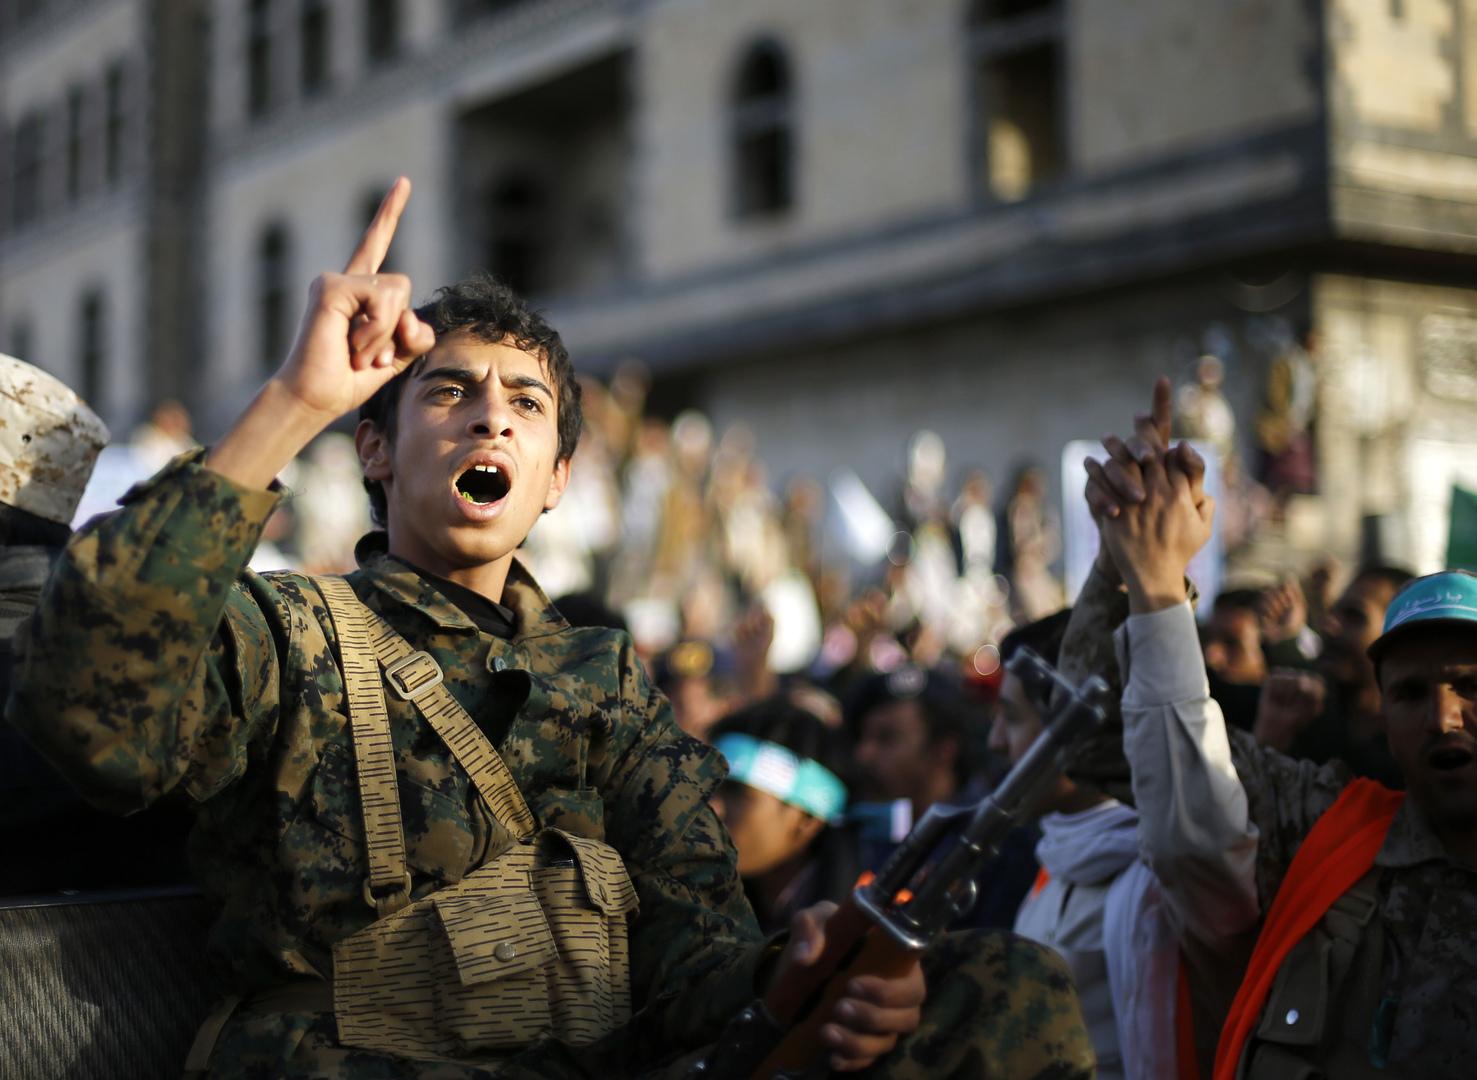 الحوثيون: تعيين مبعوث أممي جديد إلى اليمن لا يعني شيئا